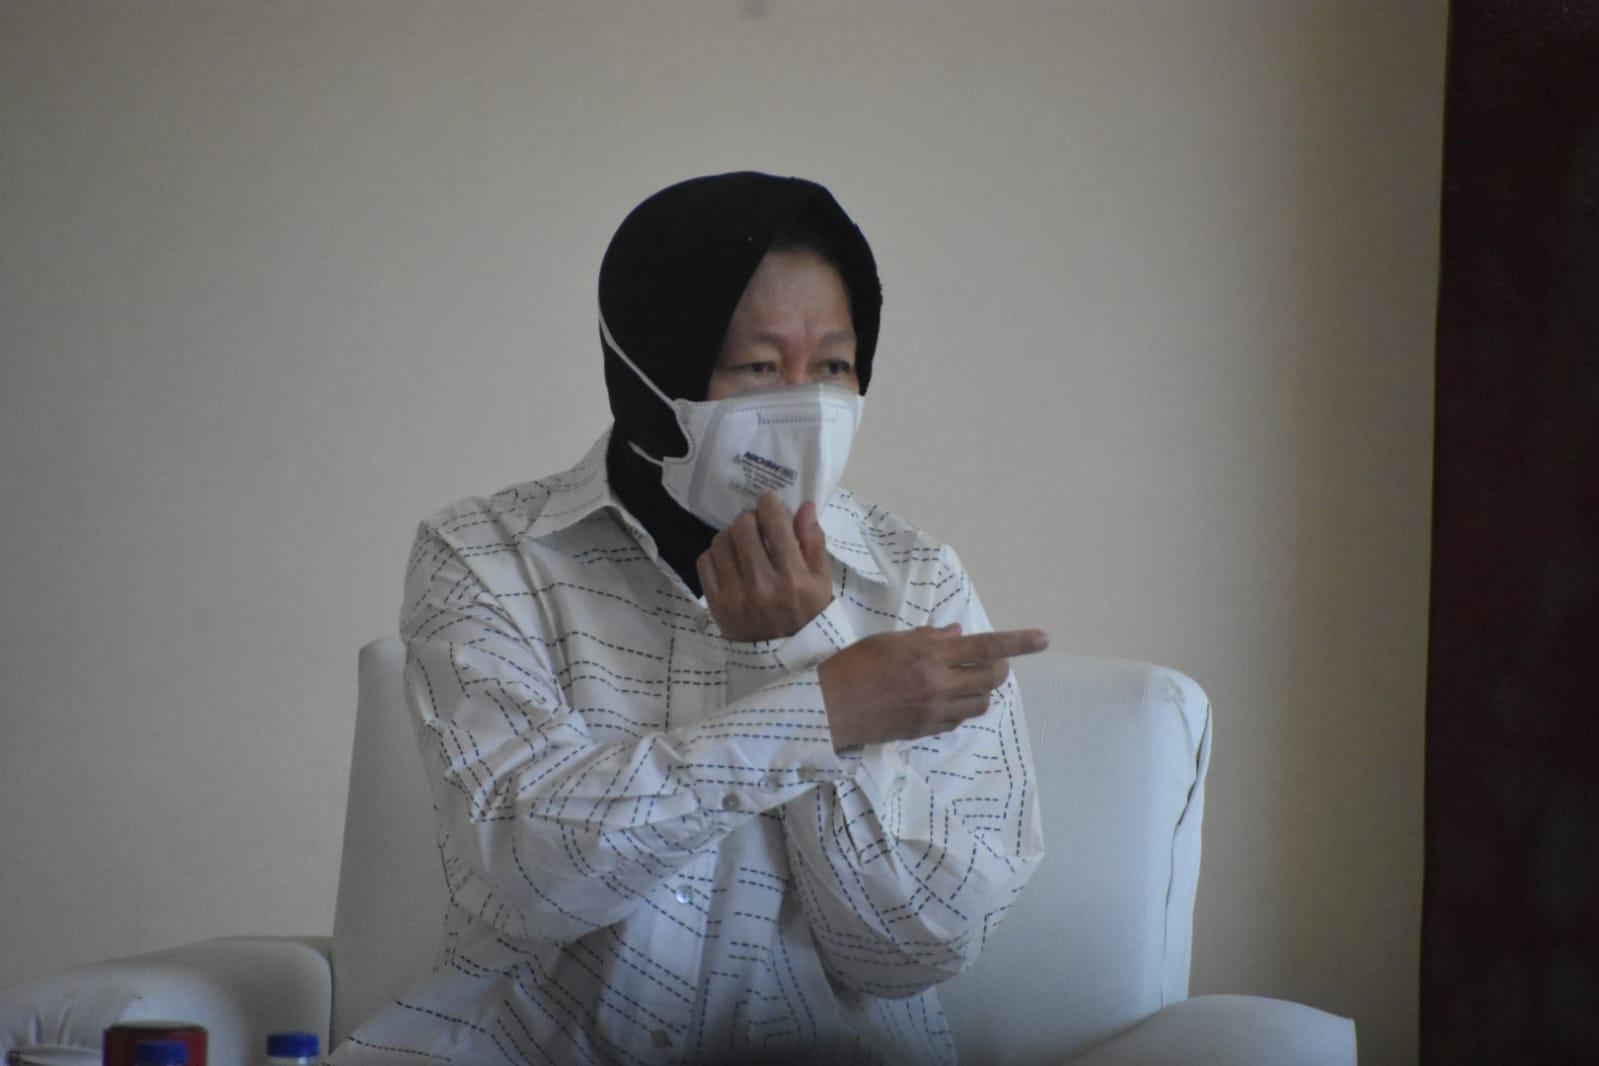 Evaluasi dan Monitoring Penyaluran Bansos di Manado, Mensos Tampung Usulan KPM Baru dari Daerah